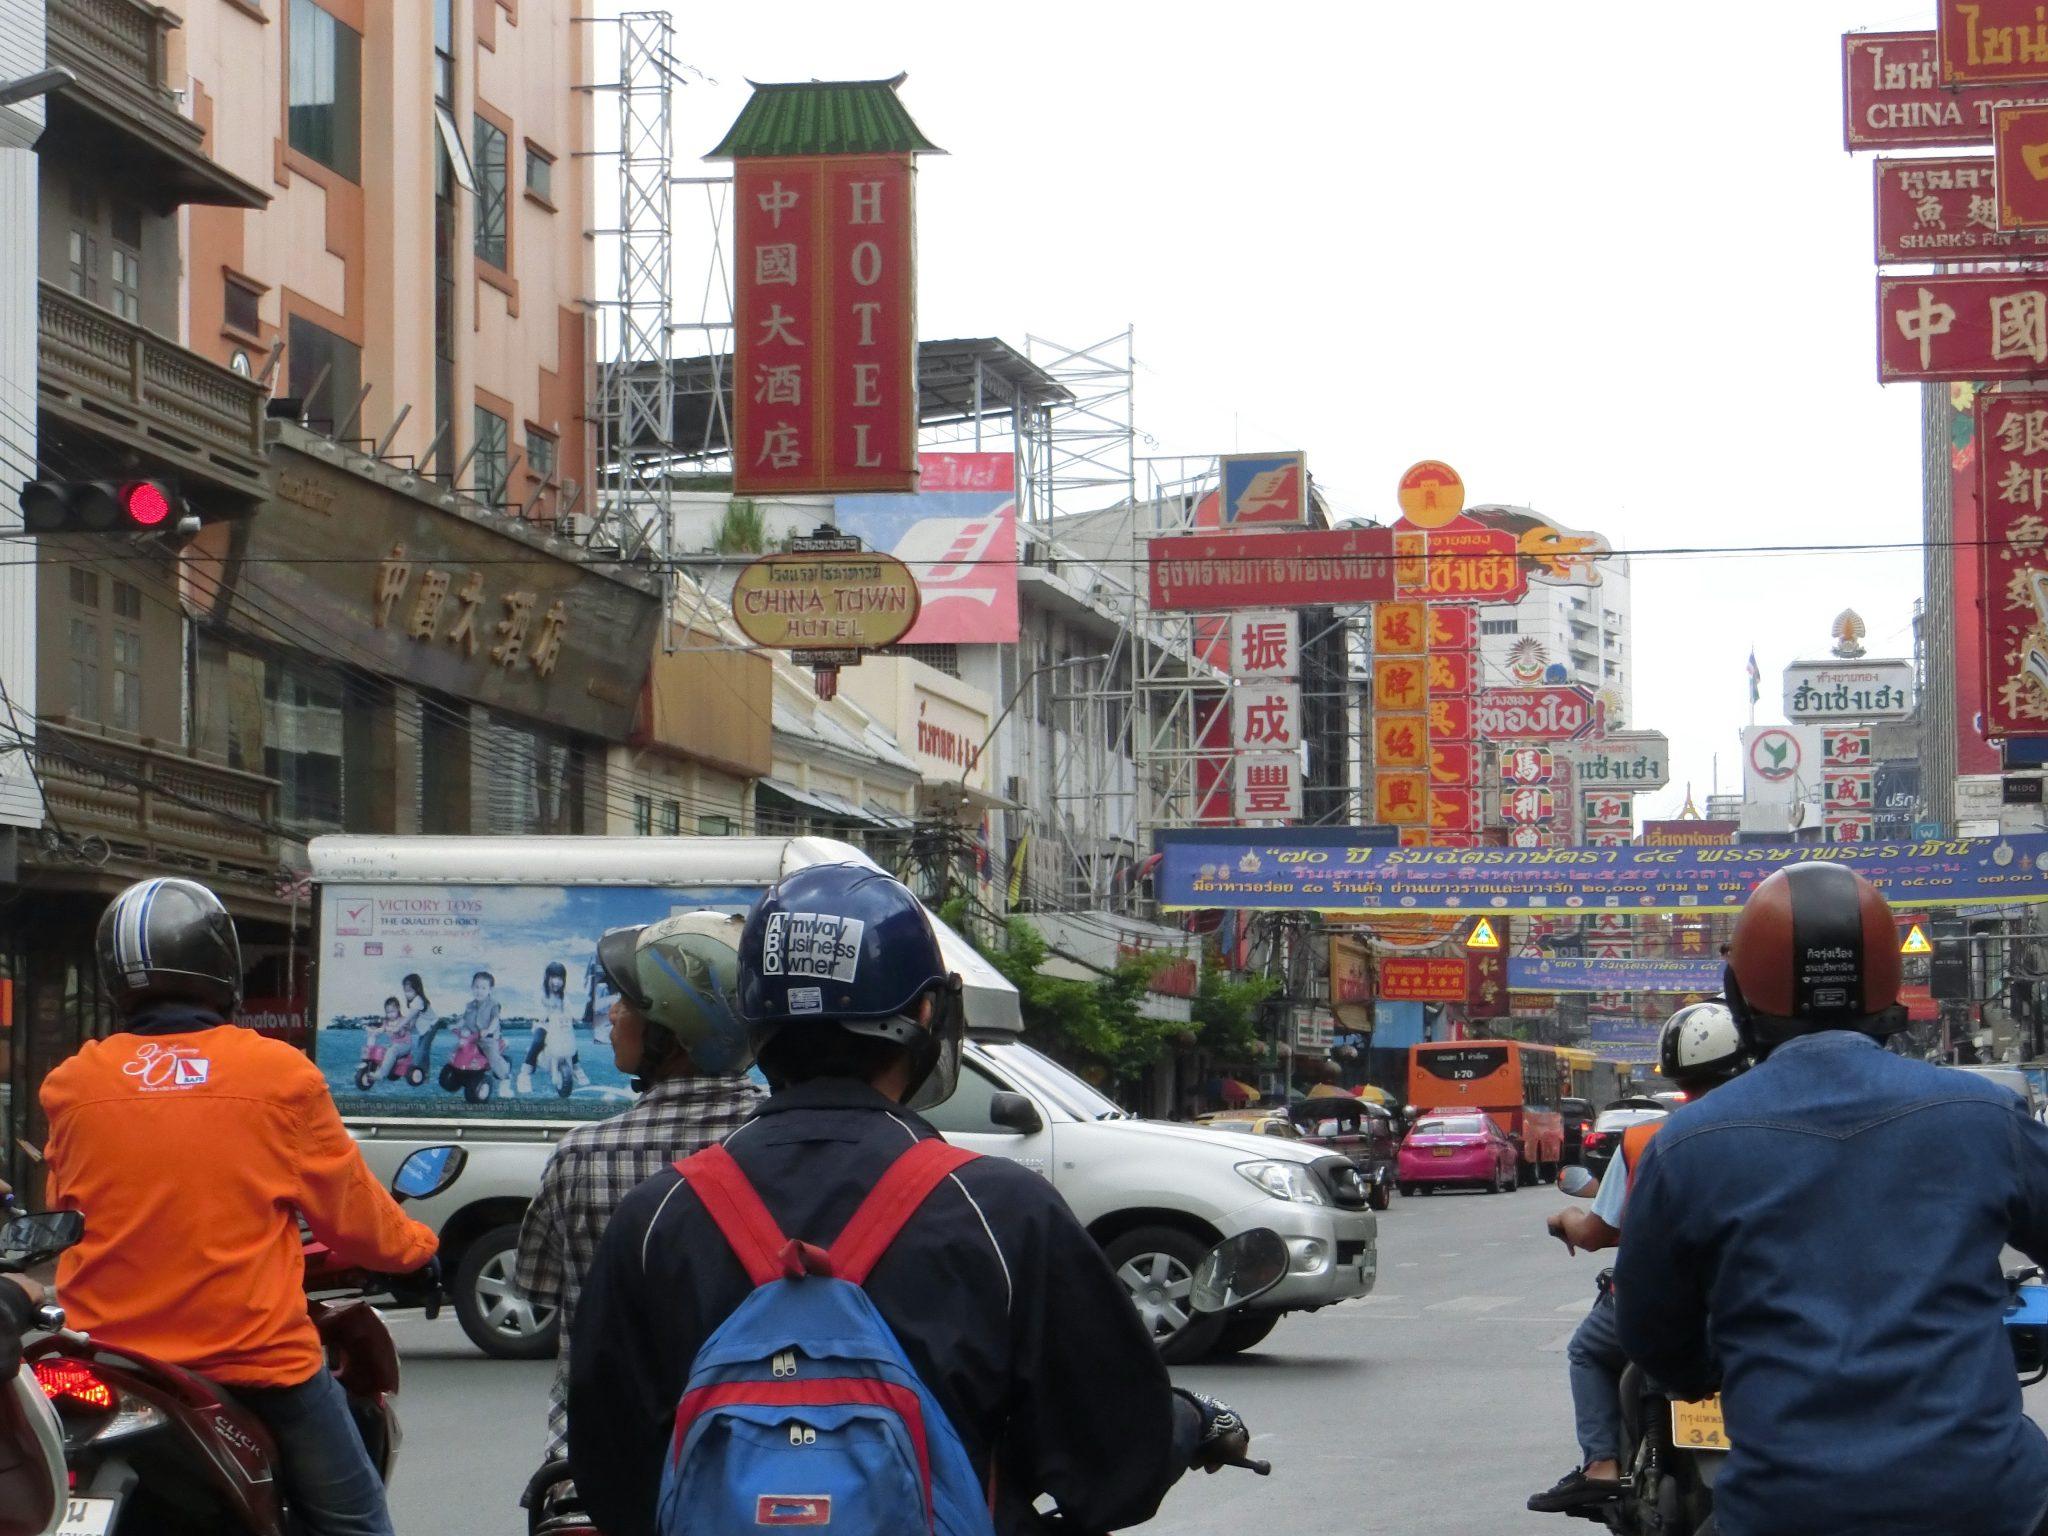 Thailand, Bangkok, Chinatown: An den vielen chinesischen Schriftzeichen kannst du den Anfang von Chinatown deutlich erkennen